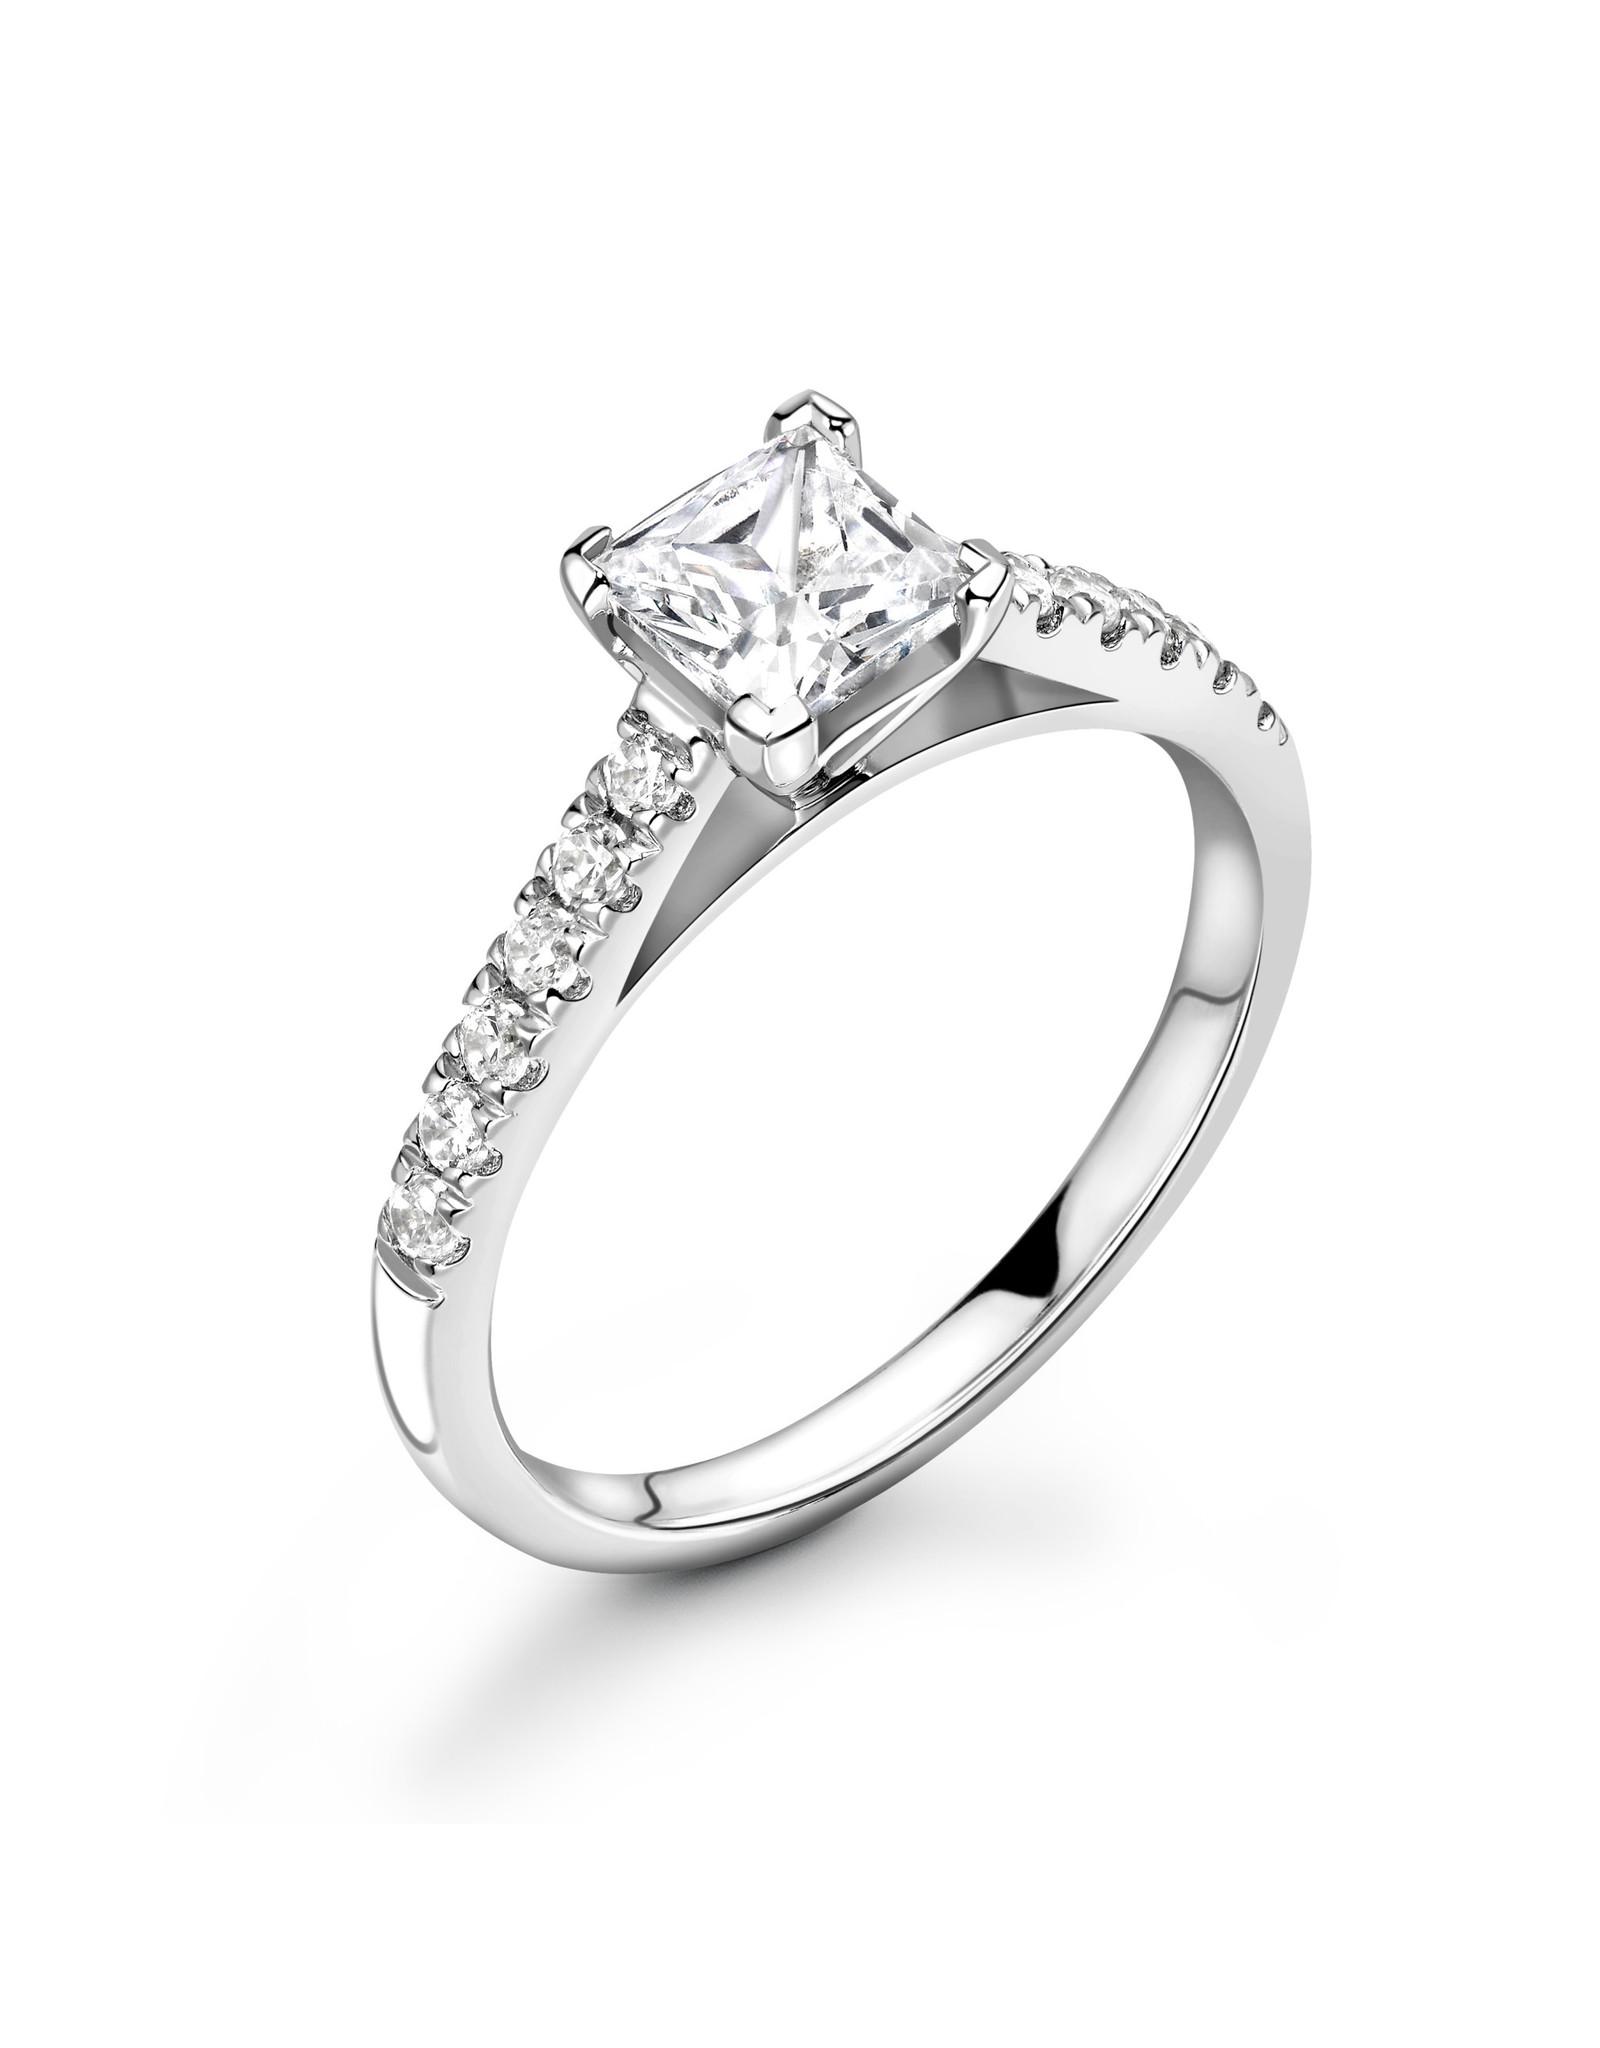 LVN Princesse Verlovingsring Met Zijsteentjes LVNRX5356s